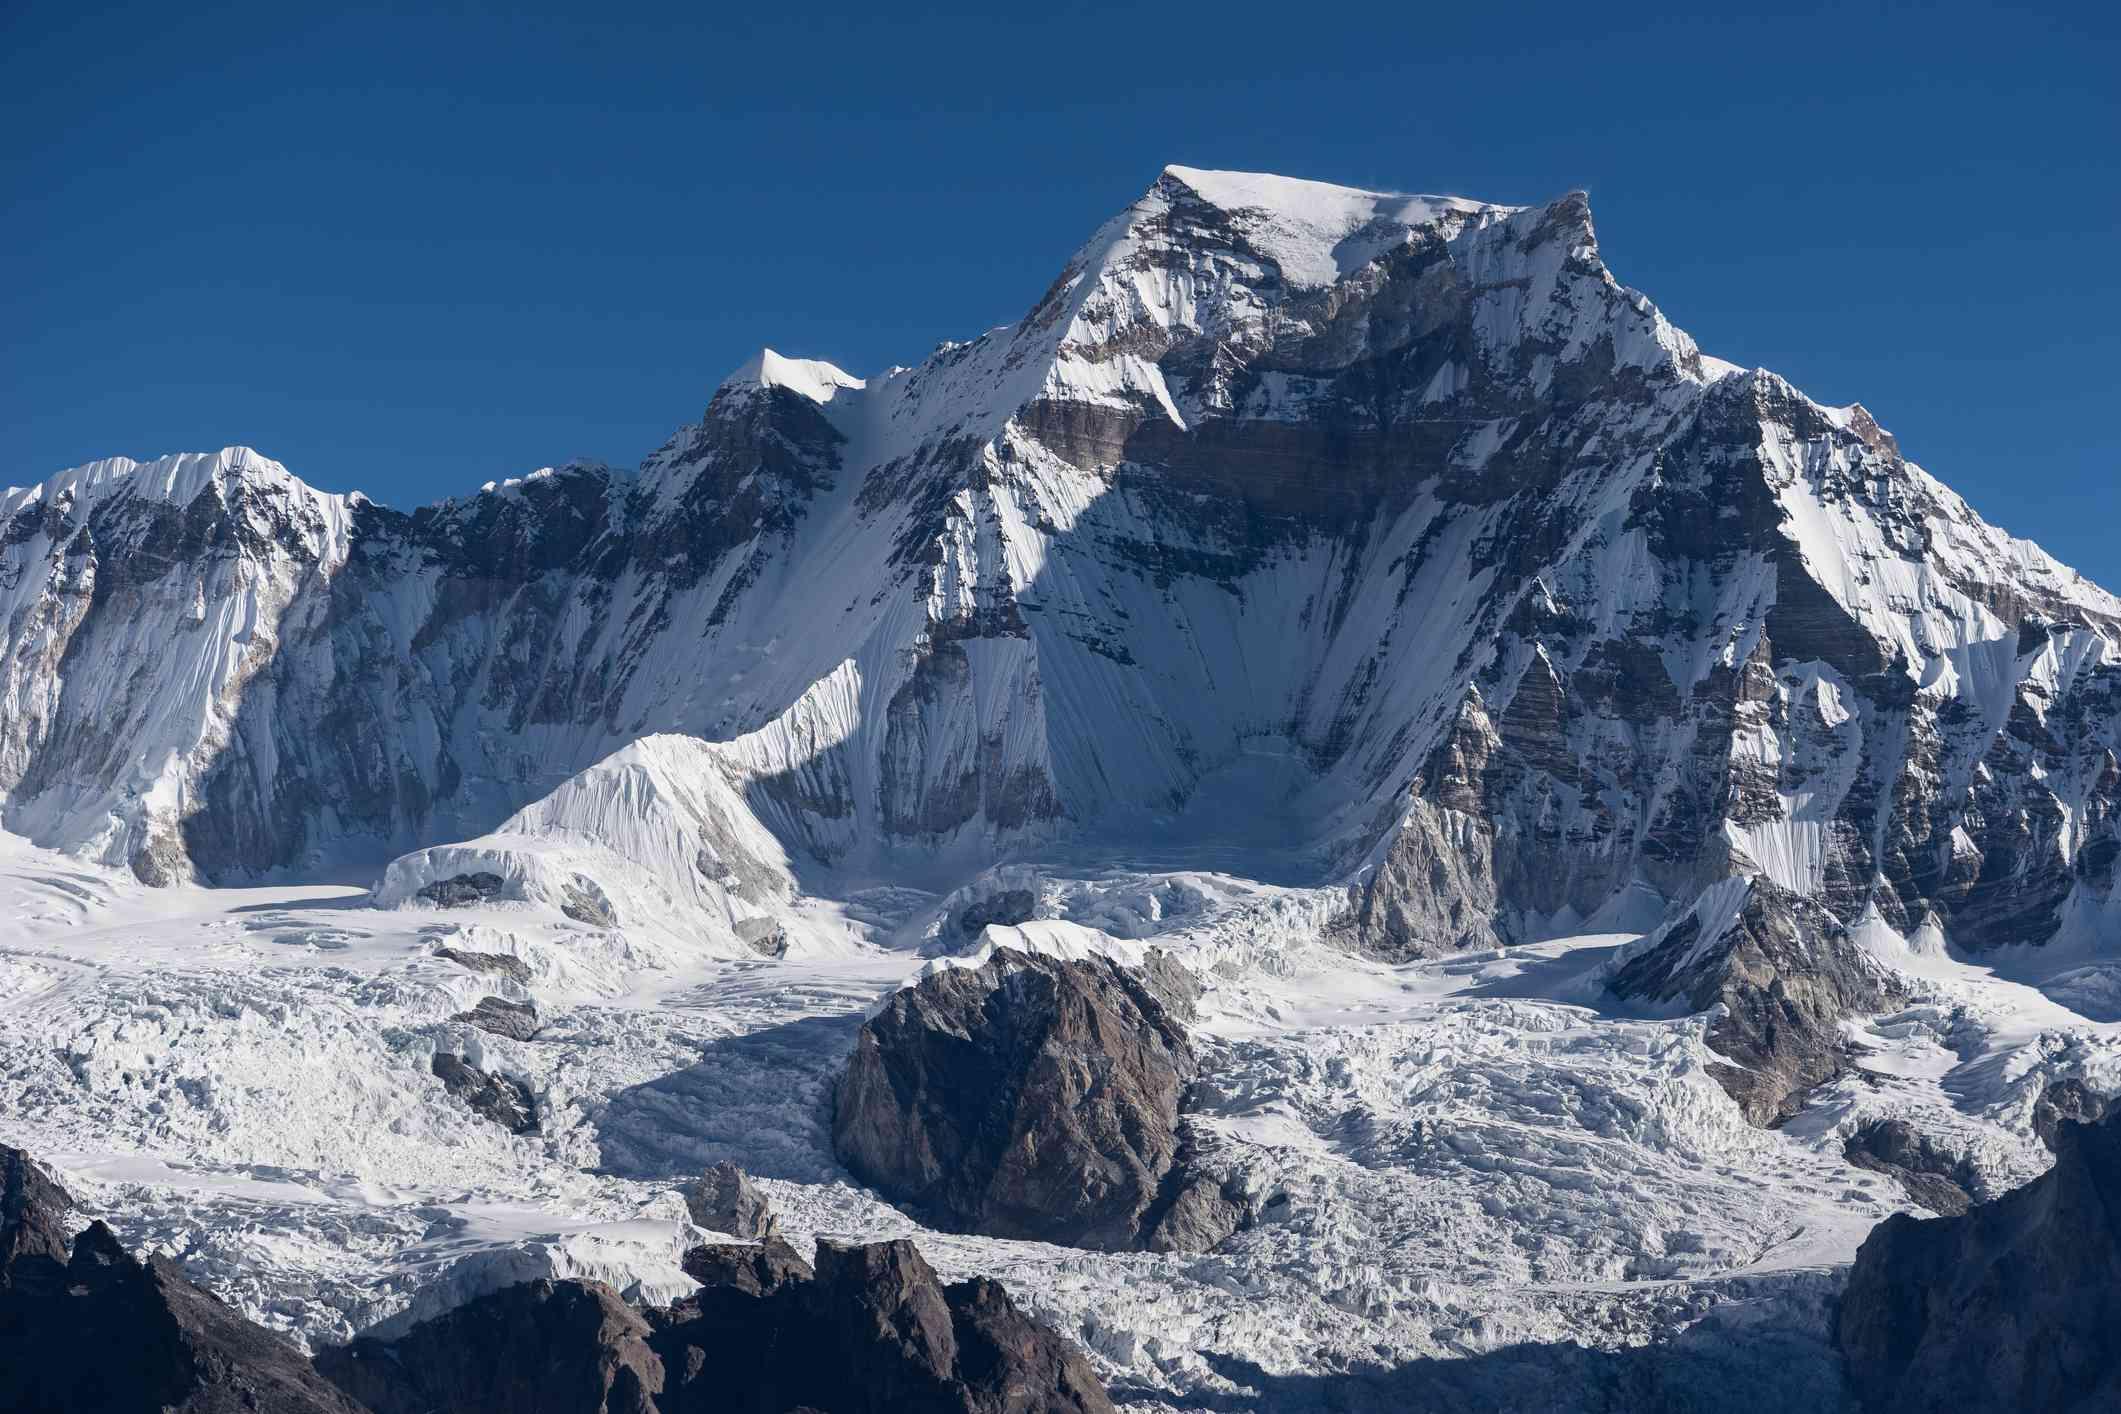 Gyachung Kang mountain peak in Nepal